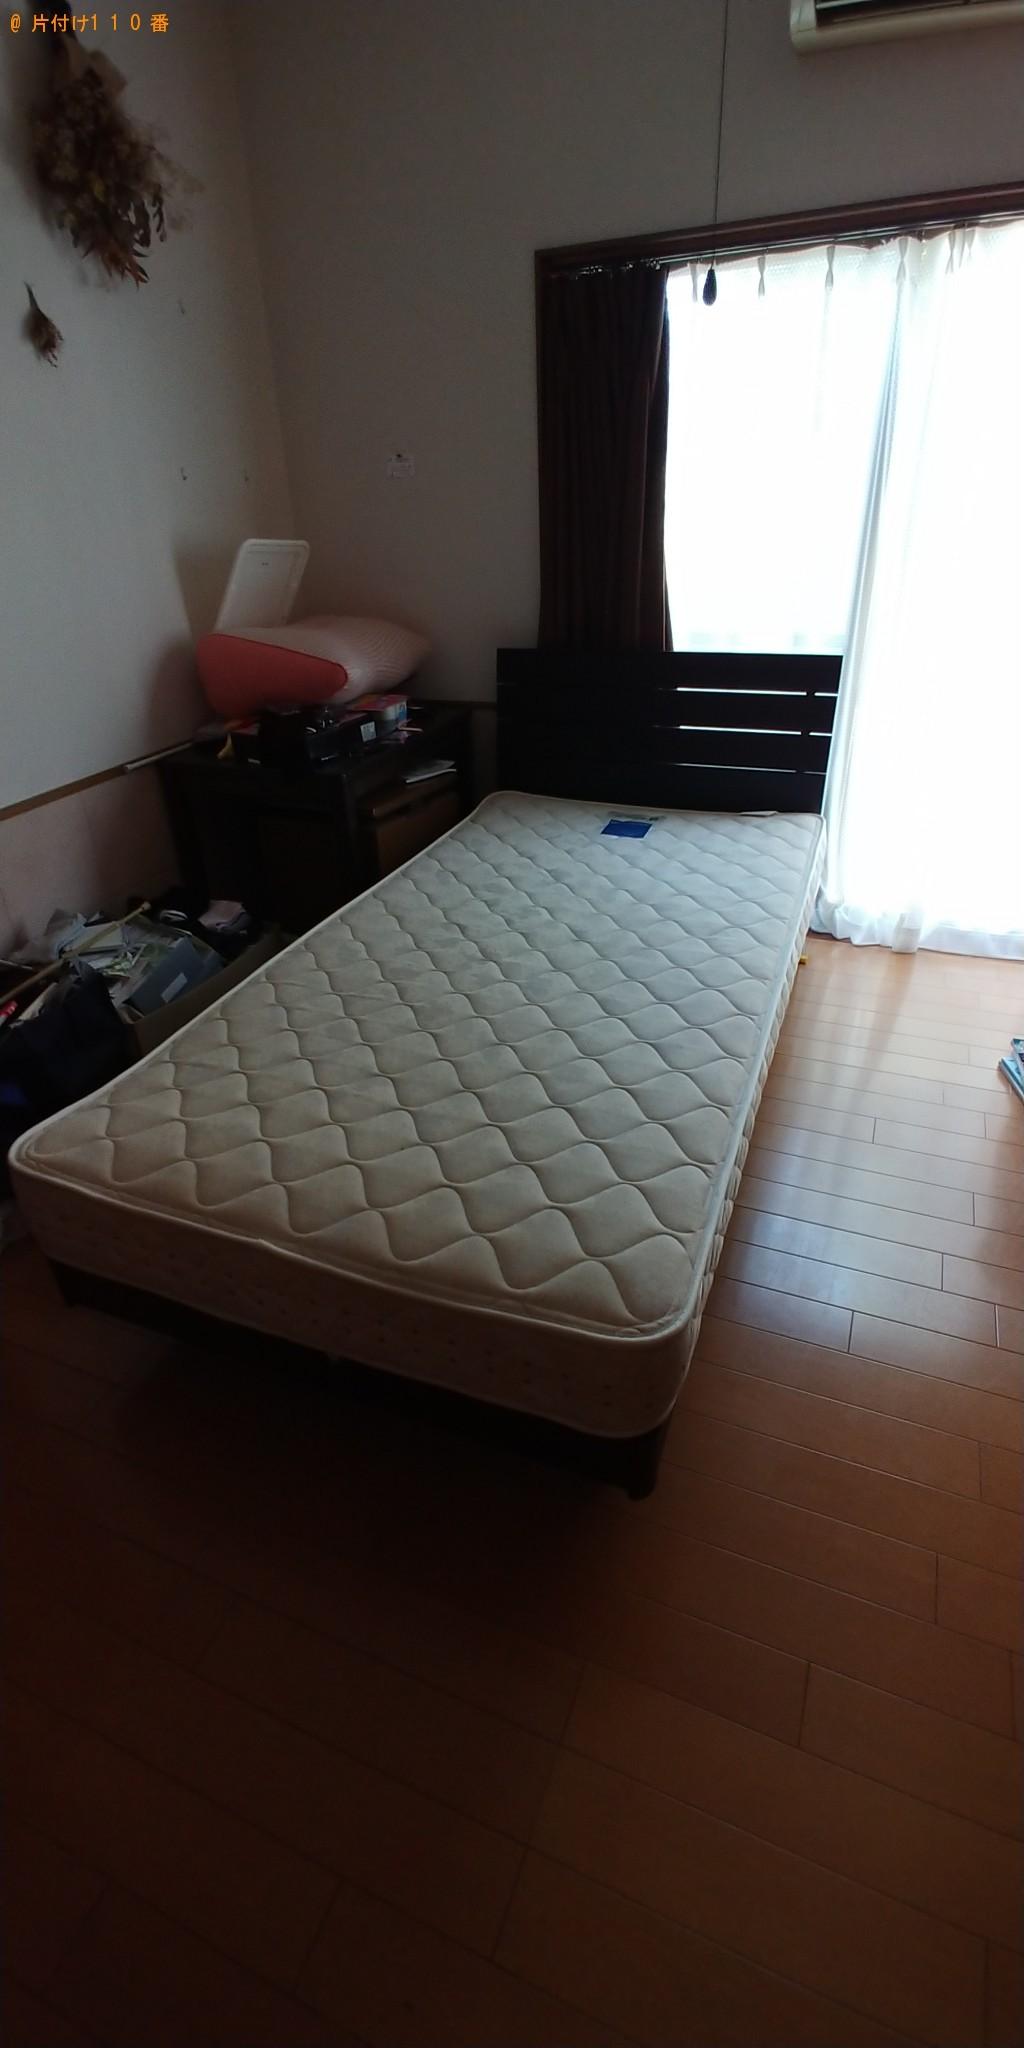 【小矢部市】シングルベッド1点の回収・処分 お客様の声